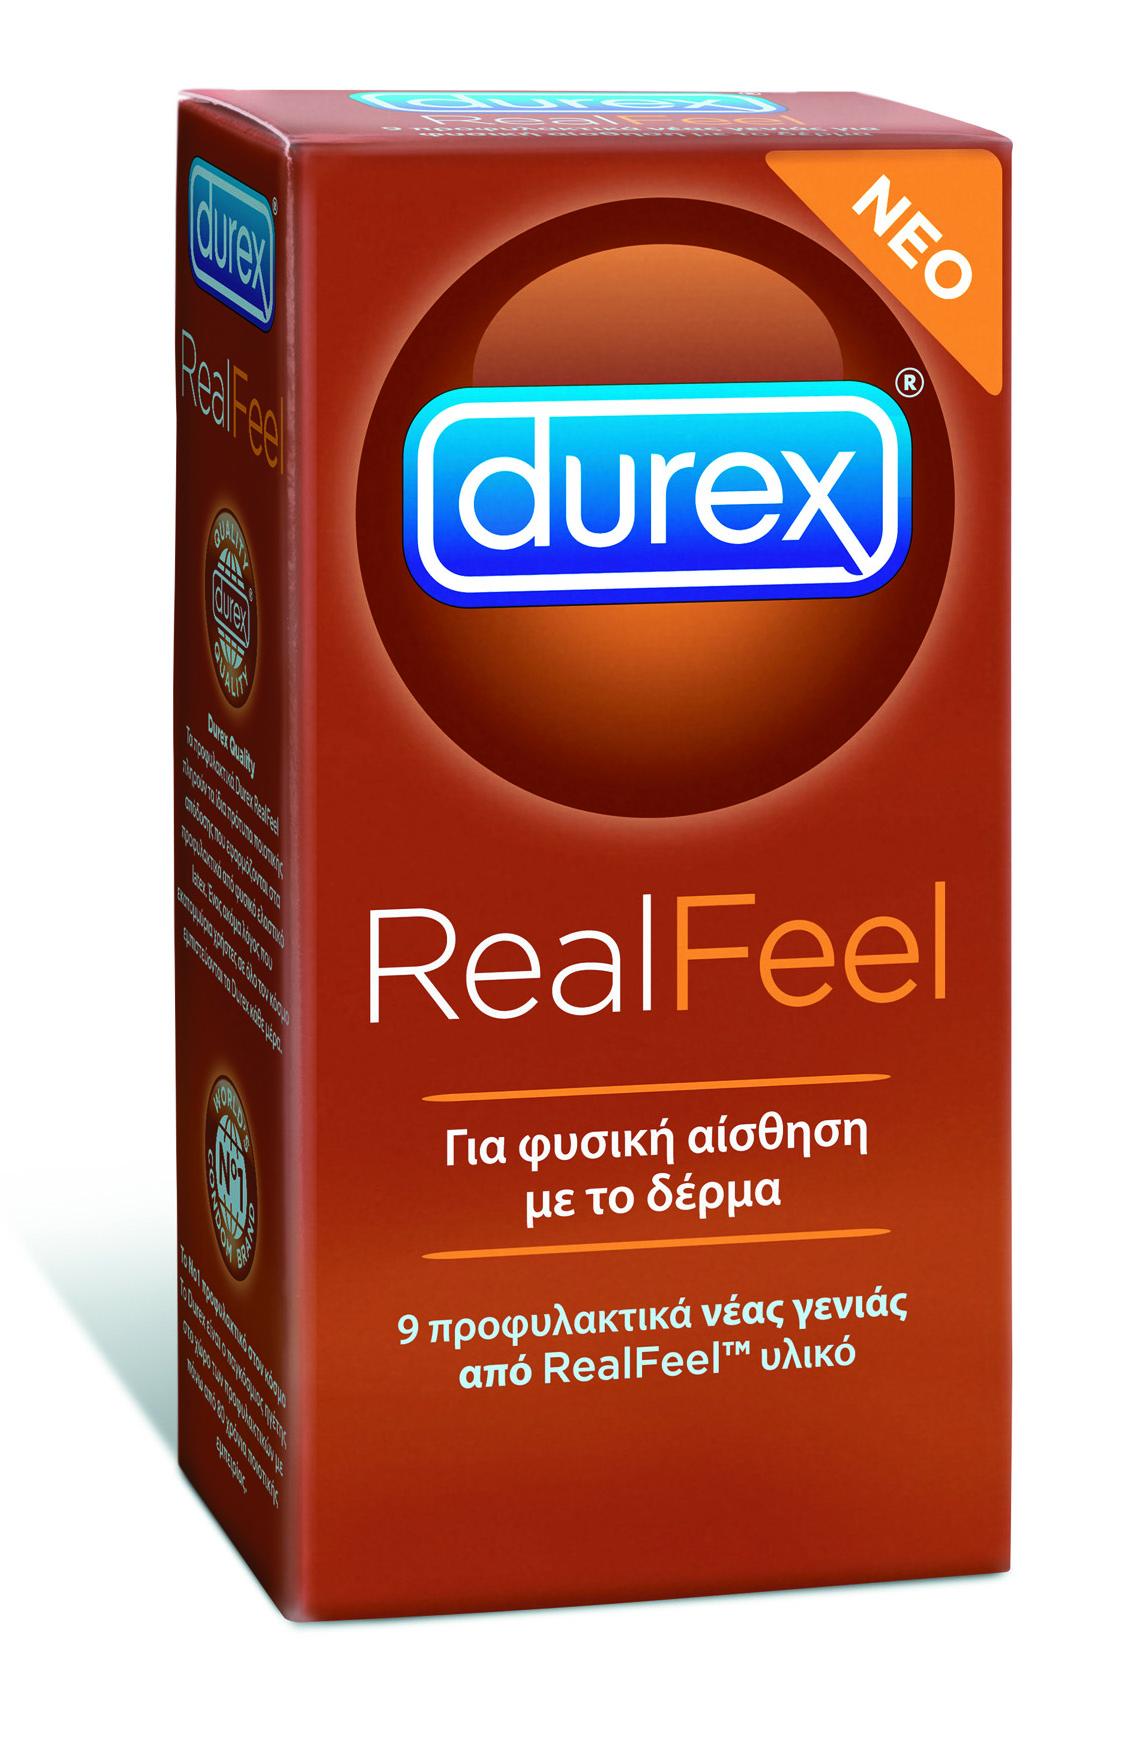 Durex Real Feel Προσφέρει Φυσική Αίσθηση 6τεμ